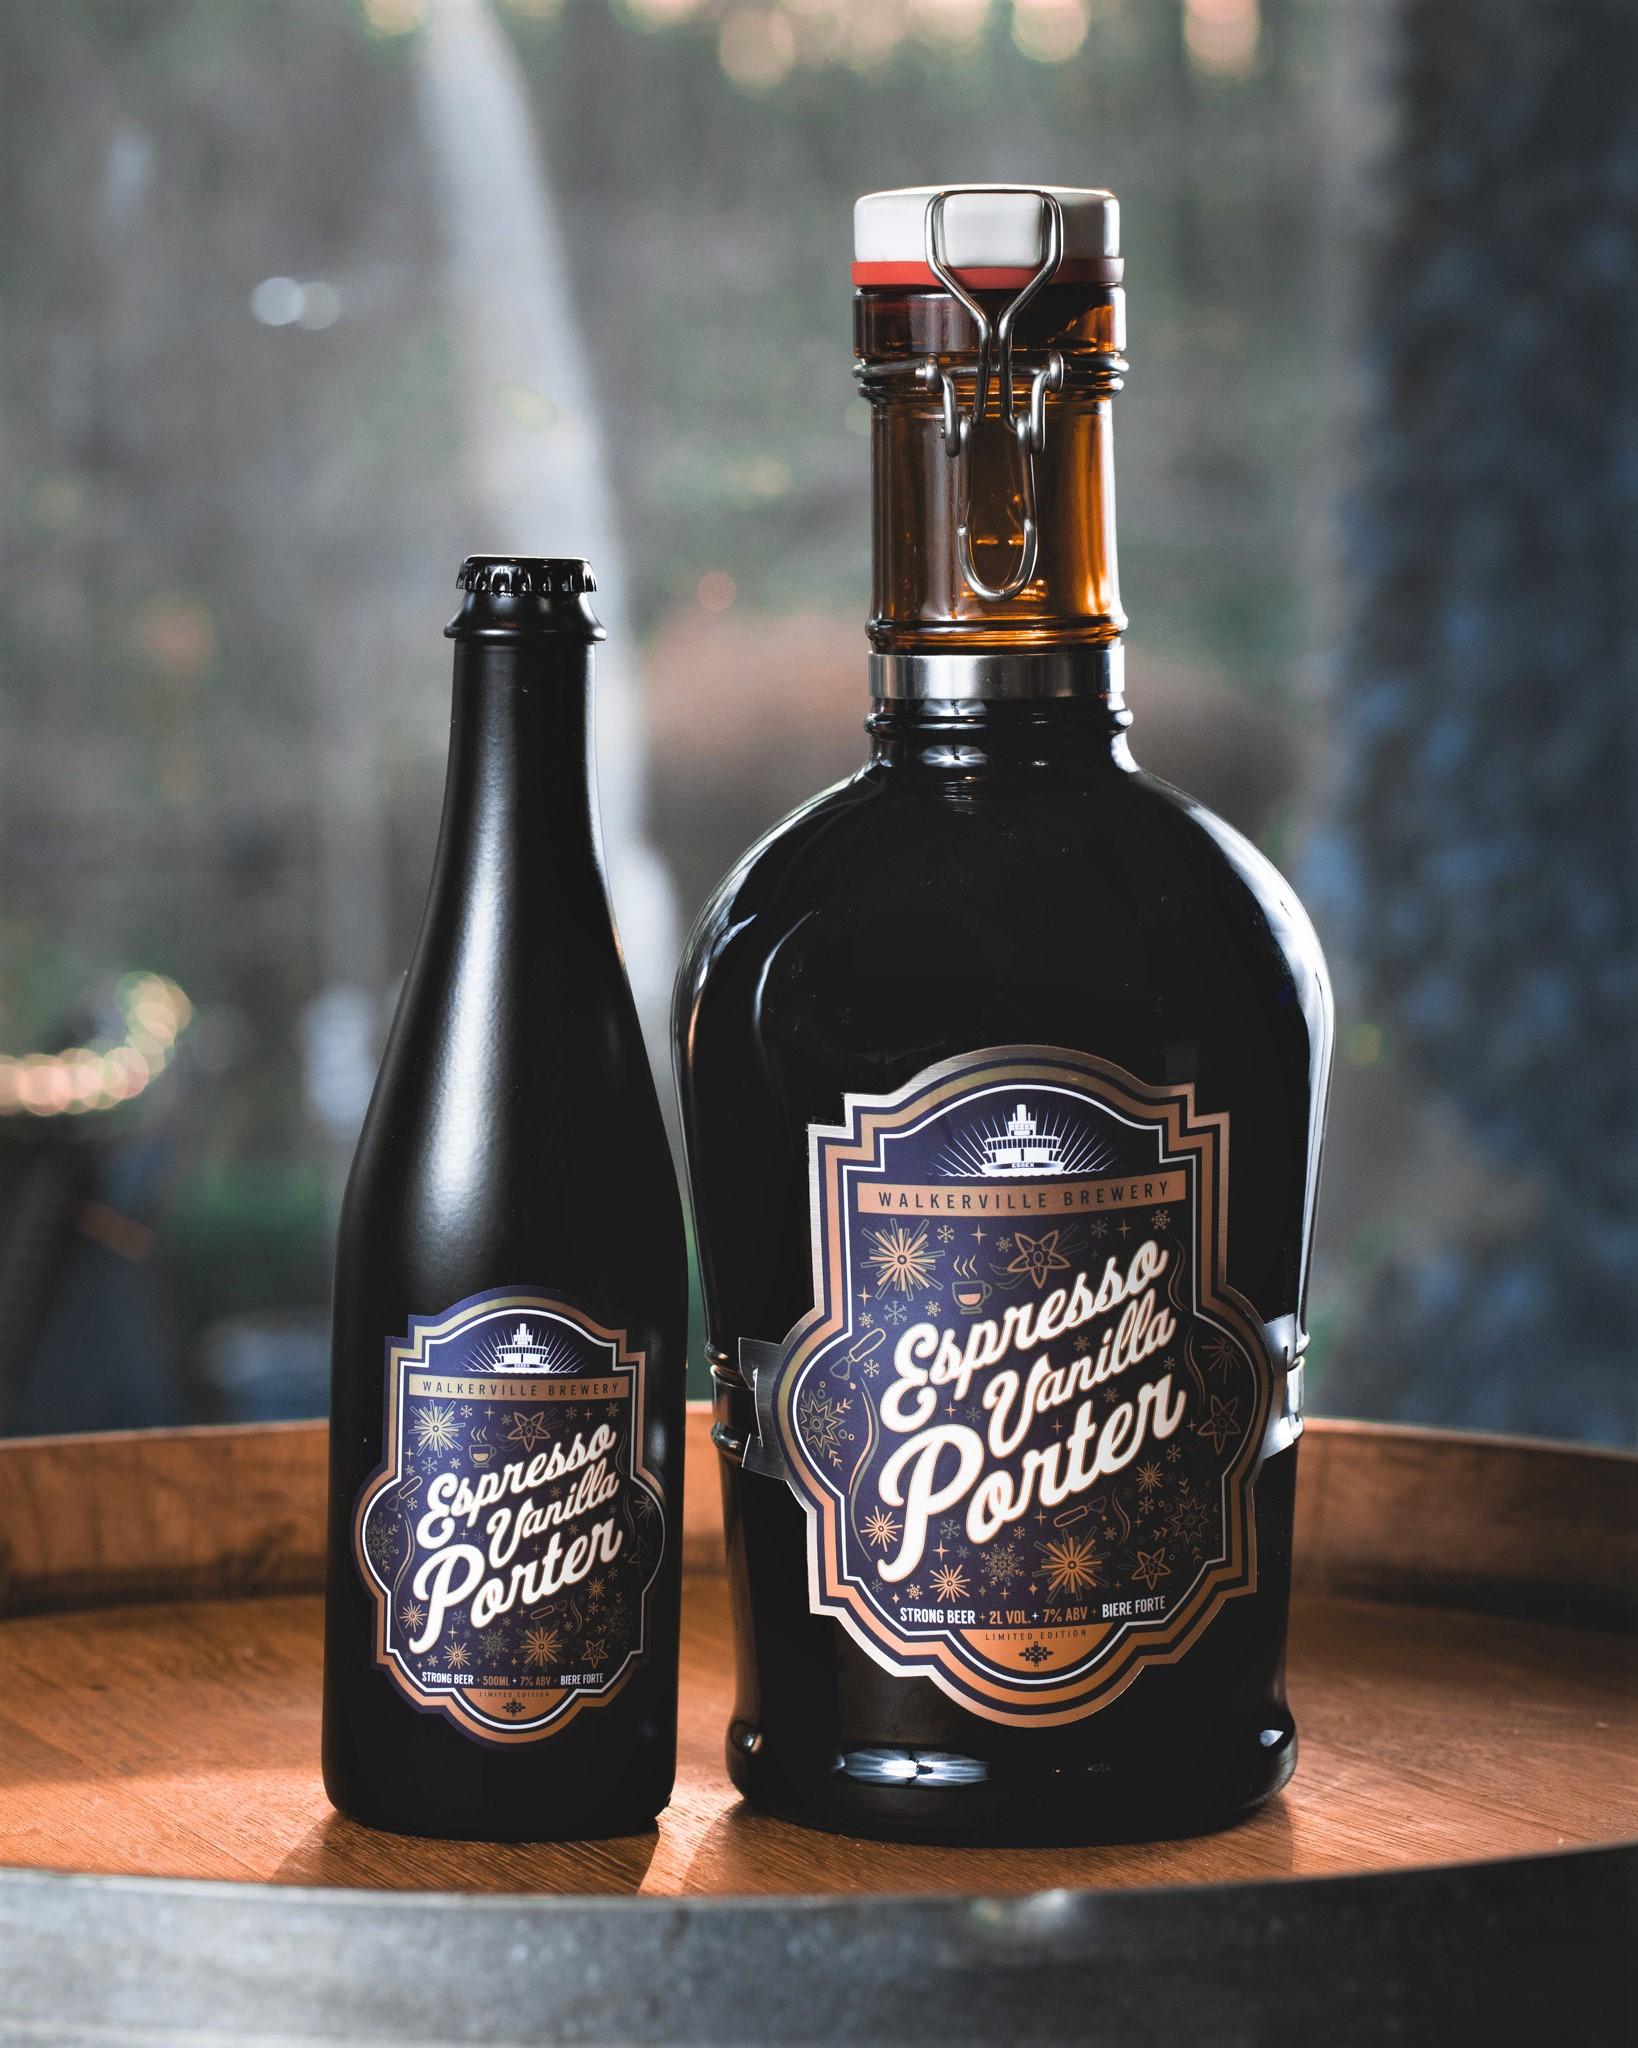 Espresso Vanilla Porter from Walkerville Brewery in Windsor, Ontario.